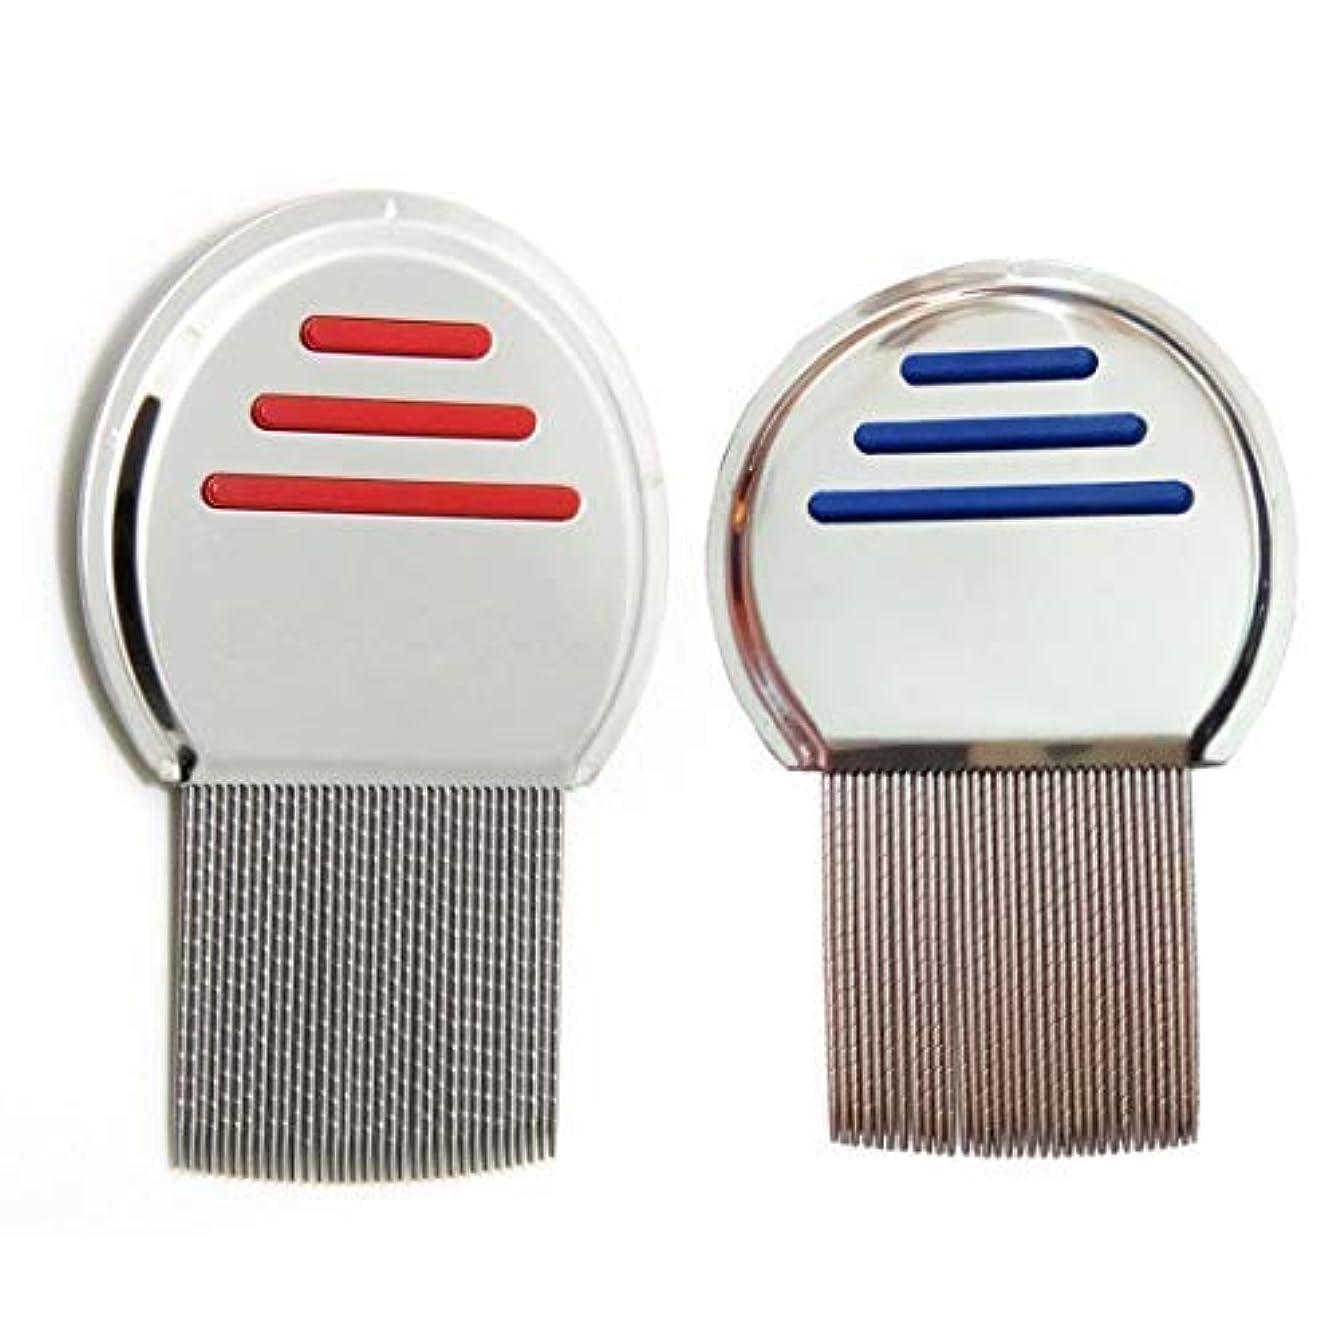 上回る瀬戸際生きる2 Pcs Stainless Steel Lice Dandruff Comb [並行輸入品]